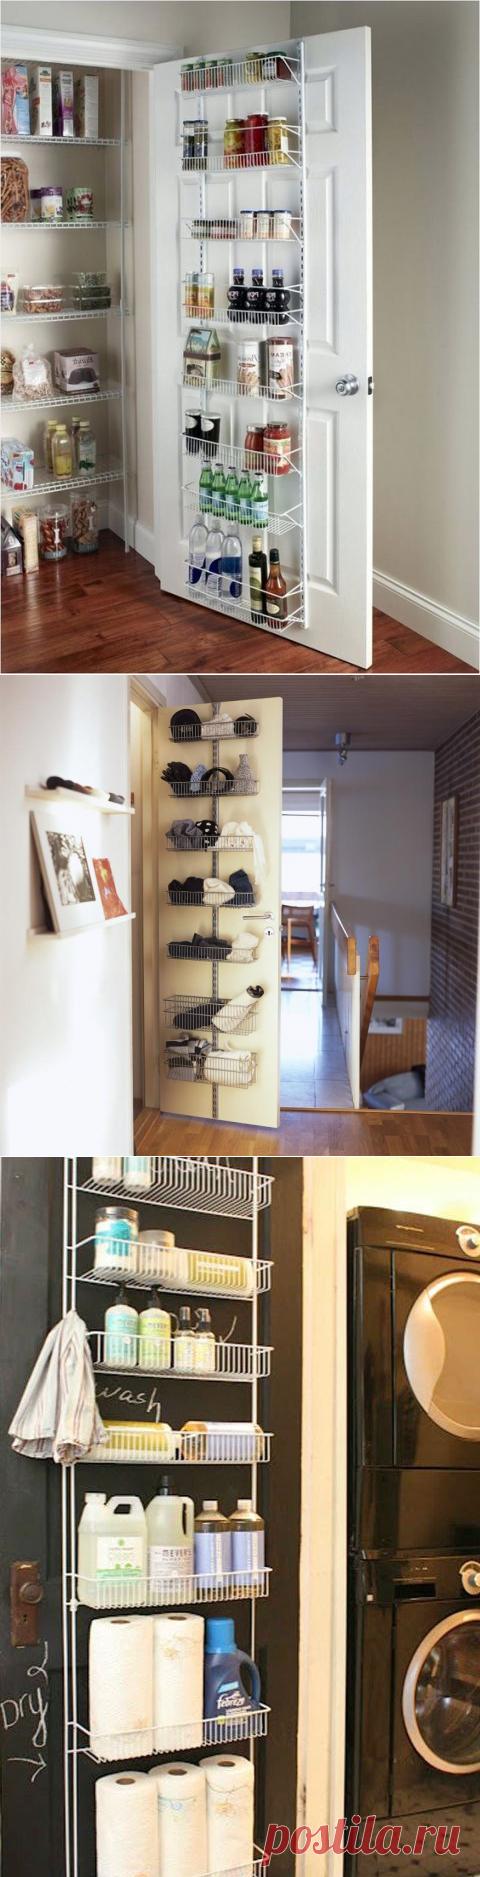 Использование дверей с пользой: идеи организации пространства — Сделай сам, идеи для творчества - DIY Ideas